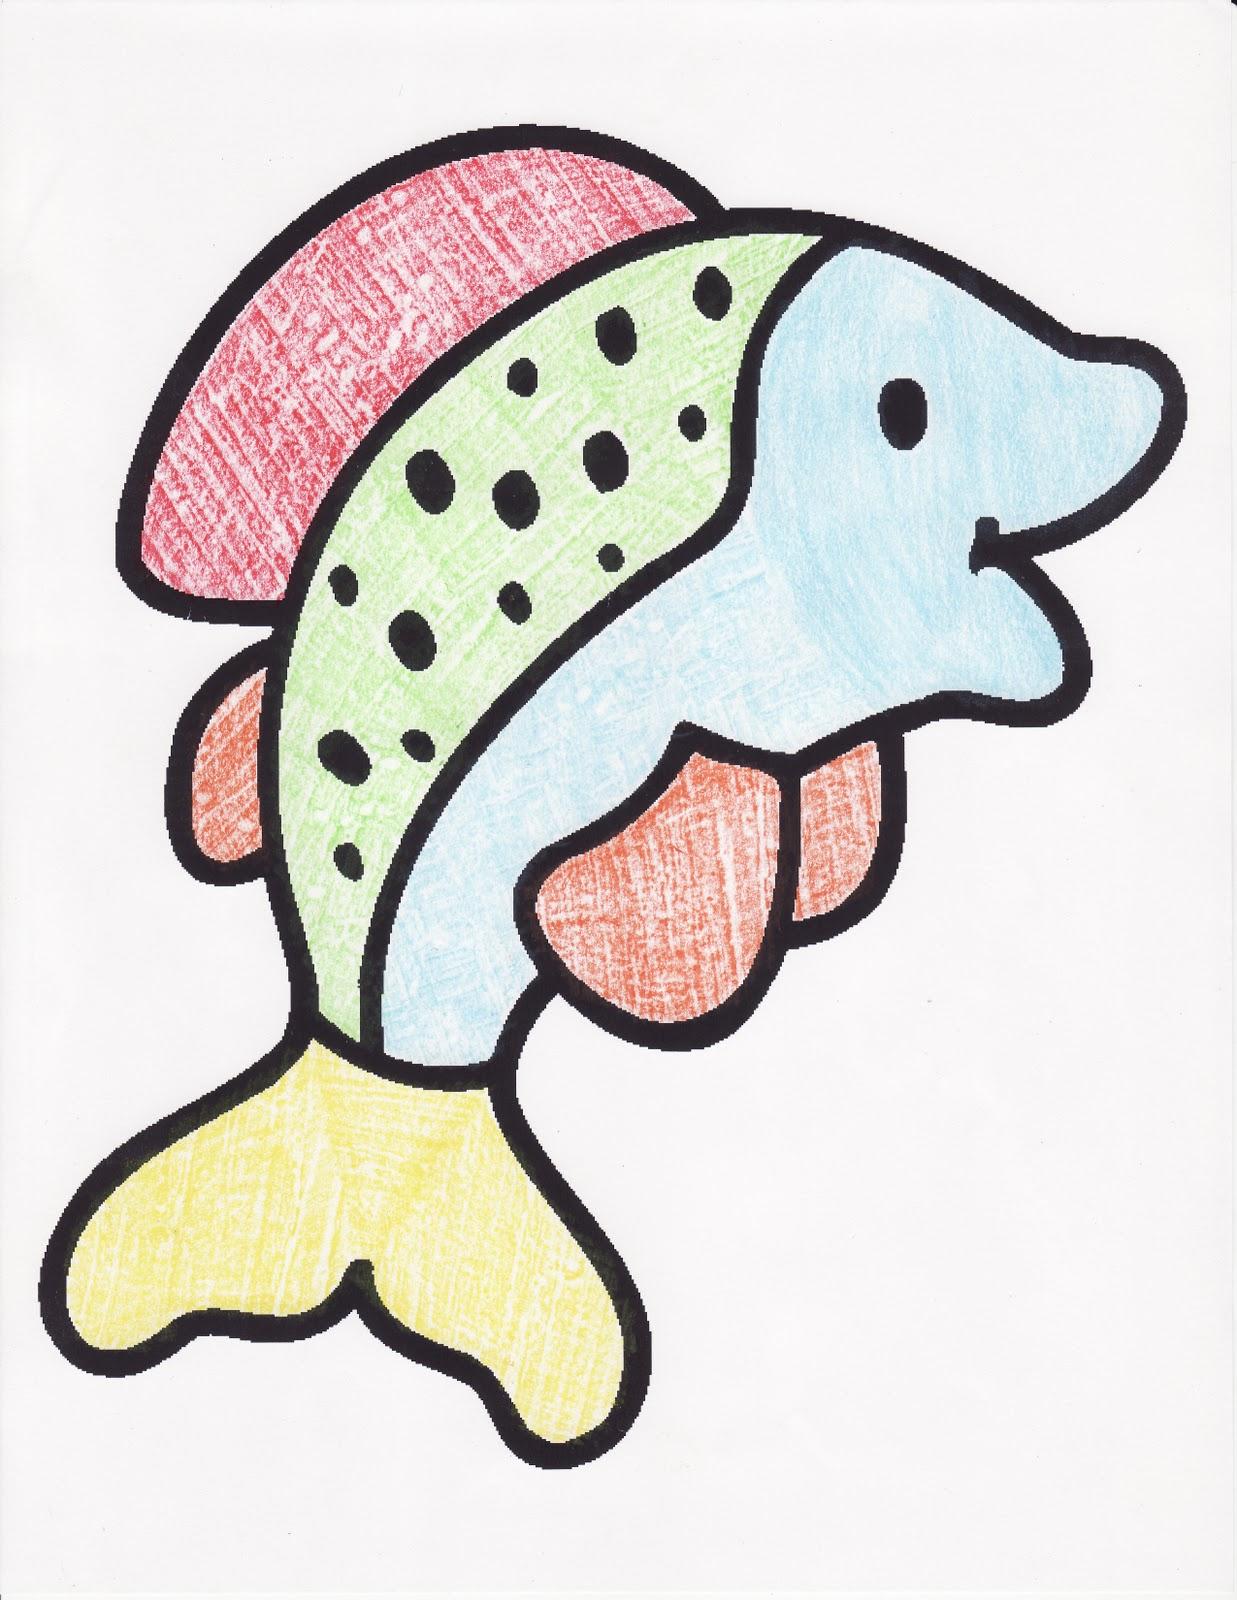 Conejo Pirata: Mis proyectos pintados con crayolas